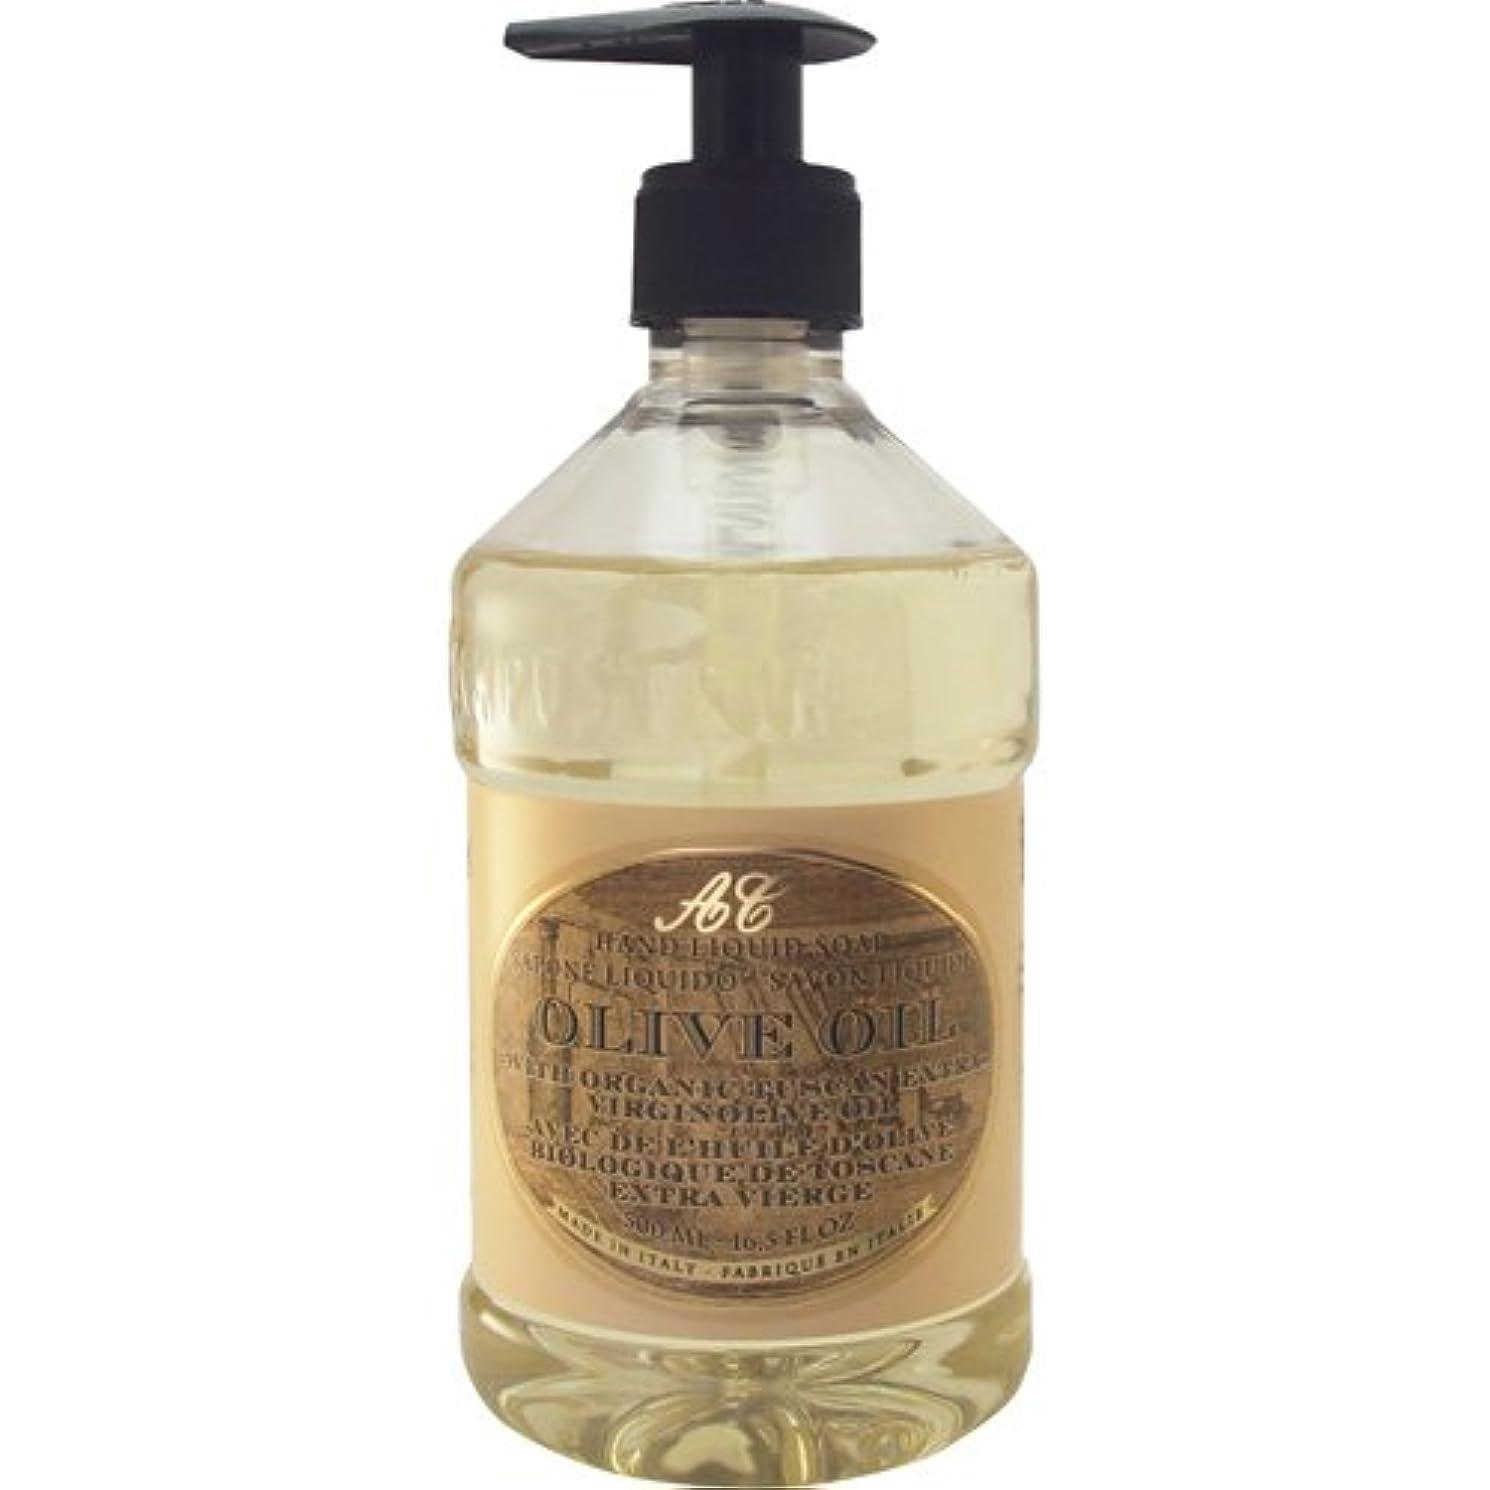 舗装ペニーバーターSaponerire Fissi レトロシリーズ Liquid Soap リキッドソープ 500ml Olive Oil オリーブオイル